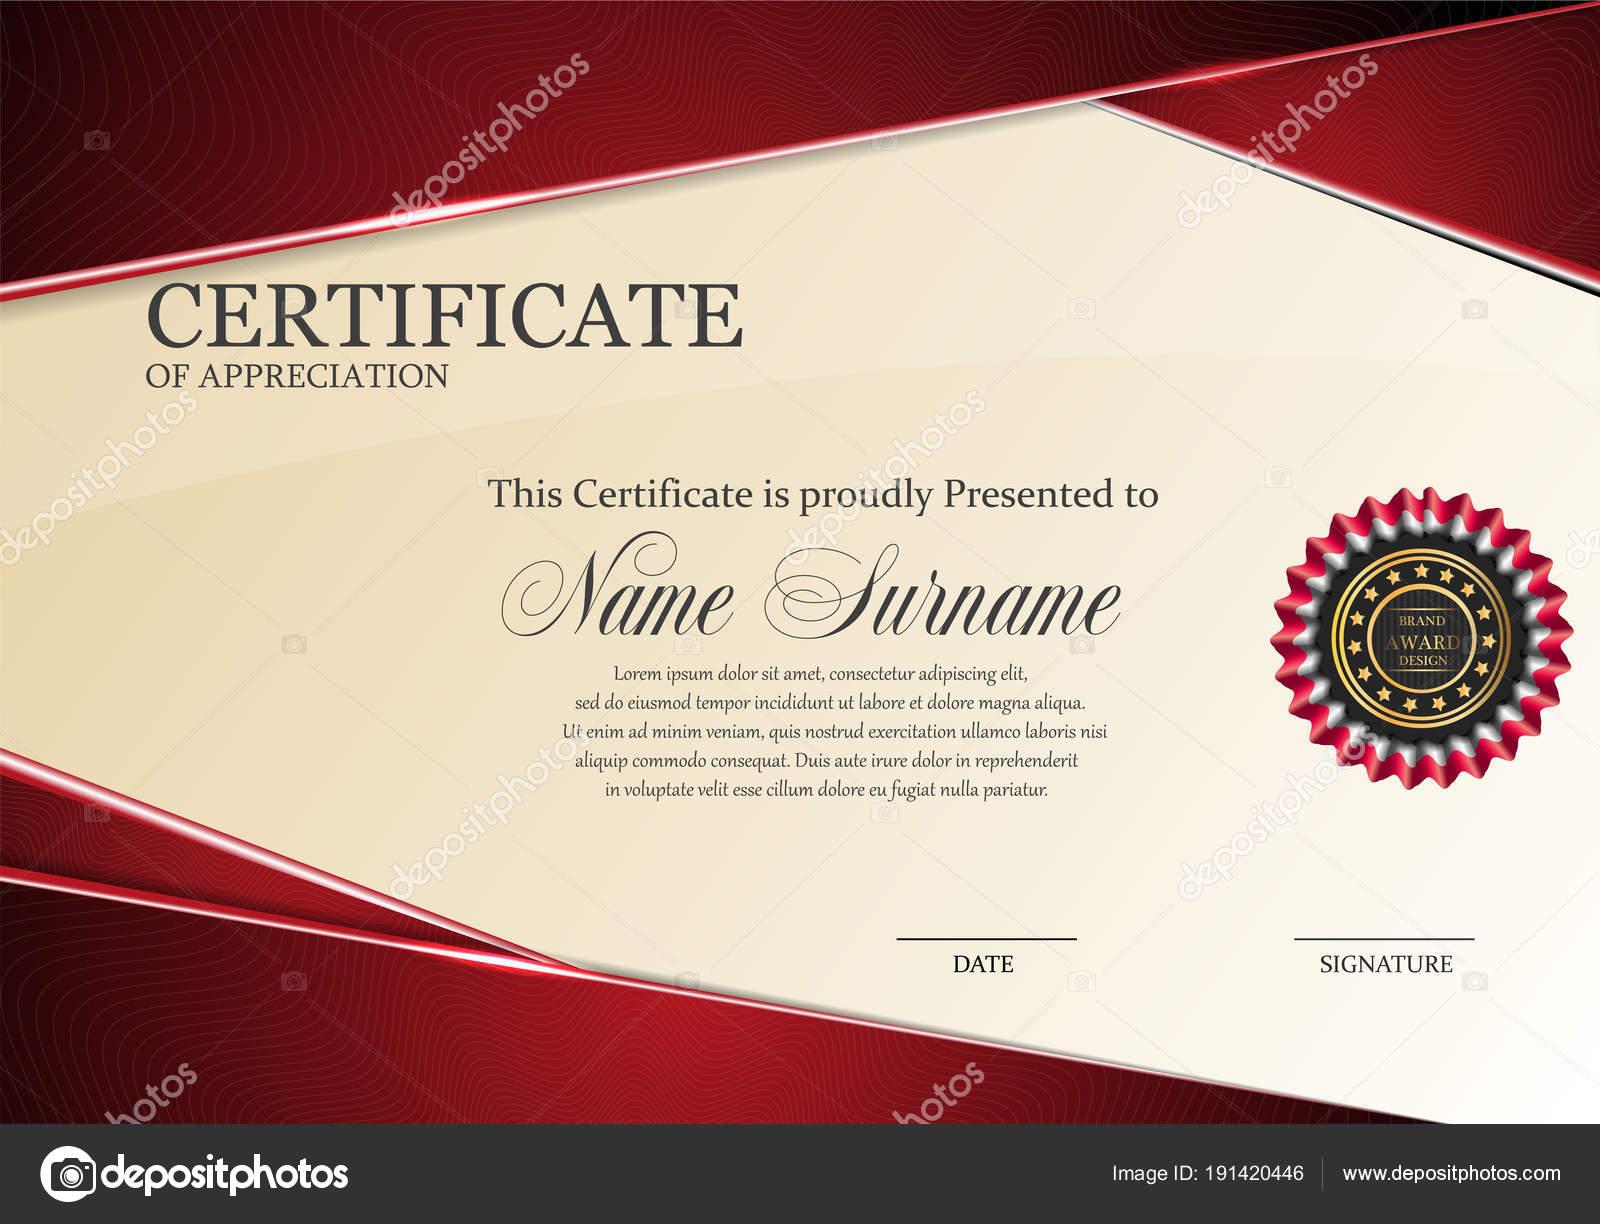 Zertifikat-Vorlage mit Luxus rot elegante Muster, Diplom Design ...